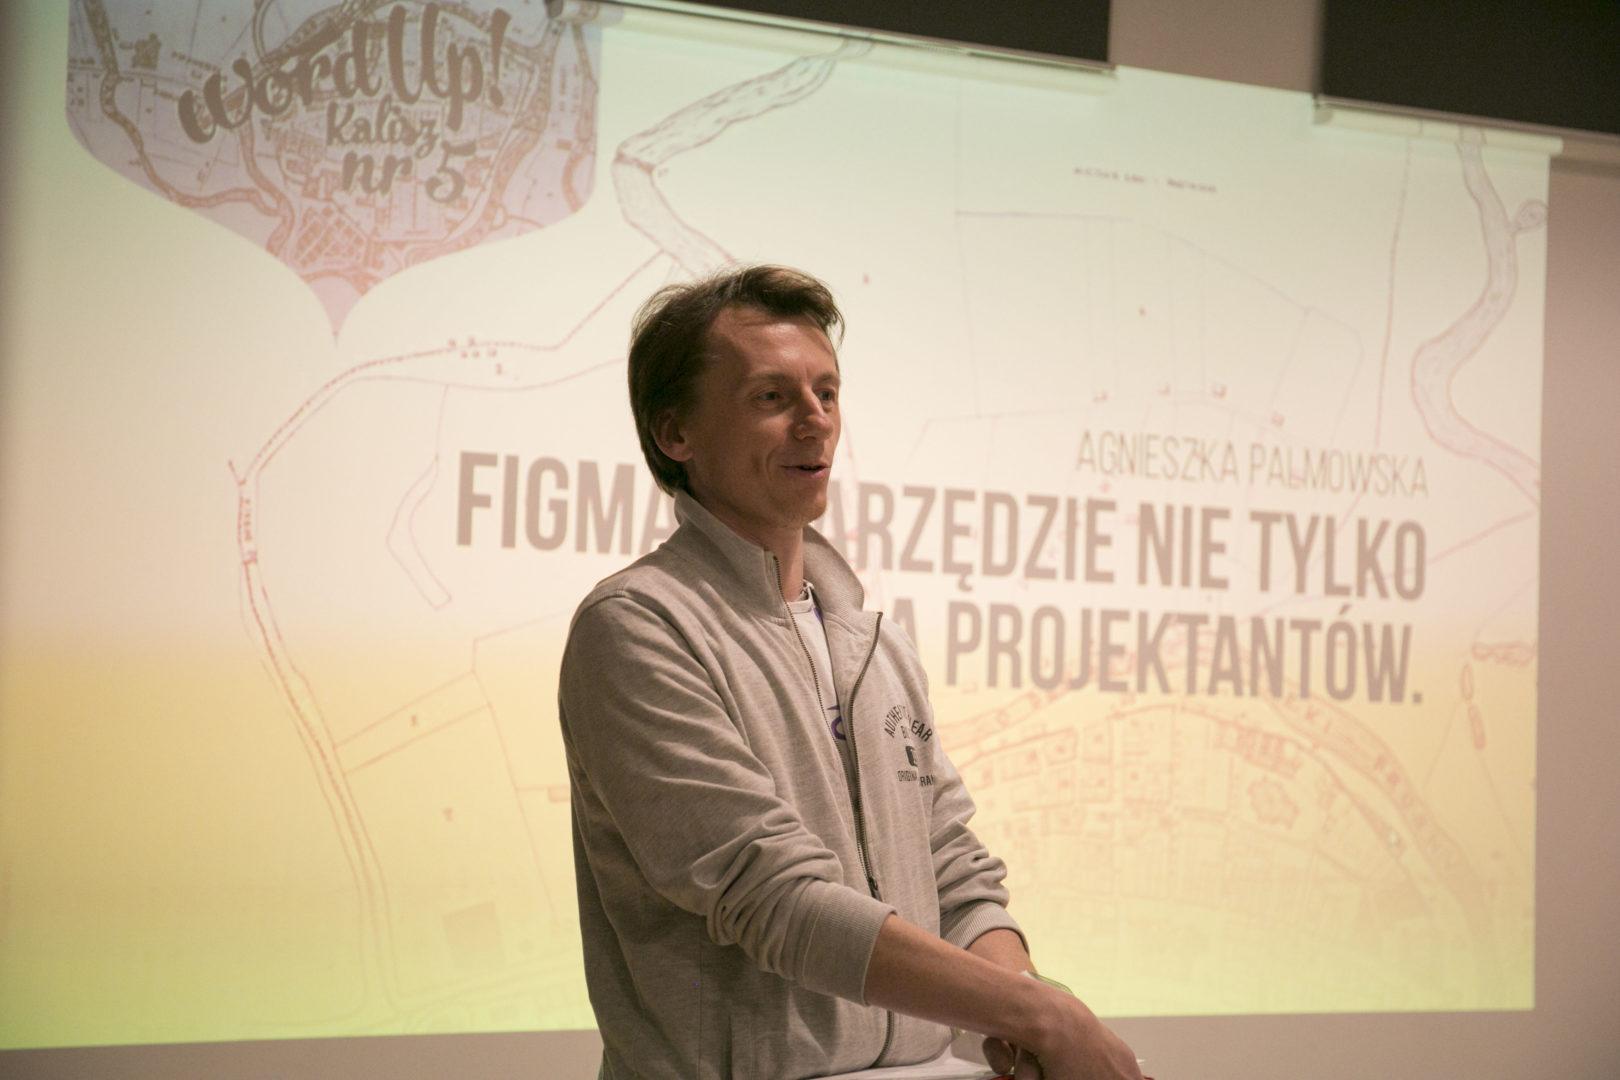 Marcin Andrzejewski podczas organizacji WordUp! Kalisz nr 5.